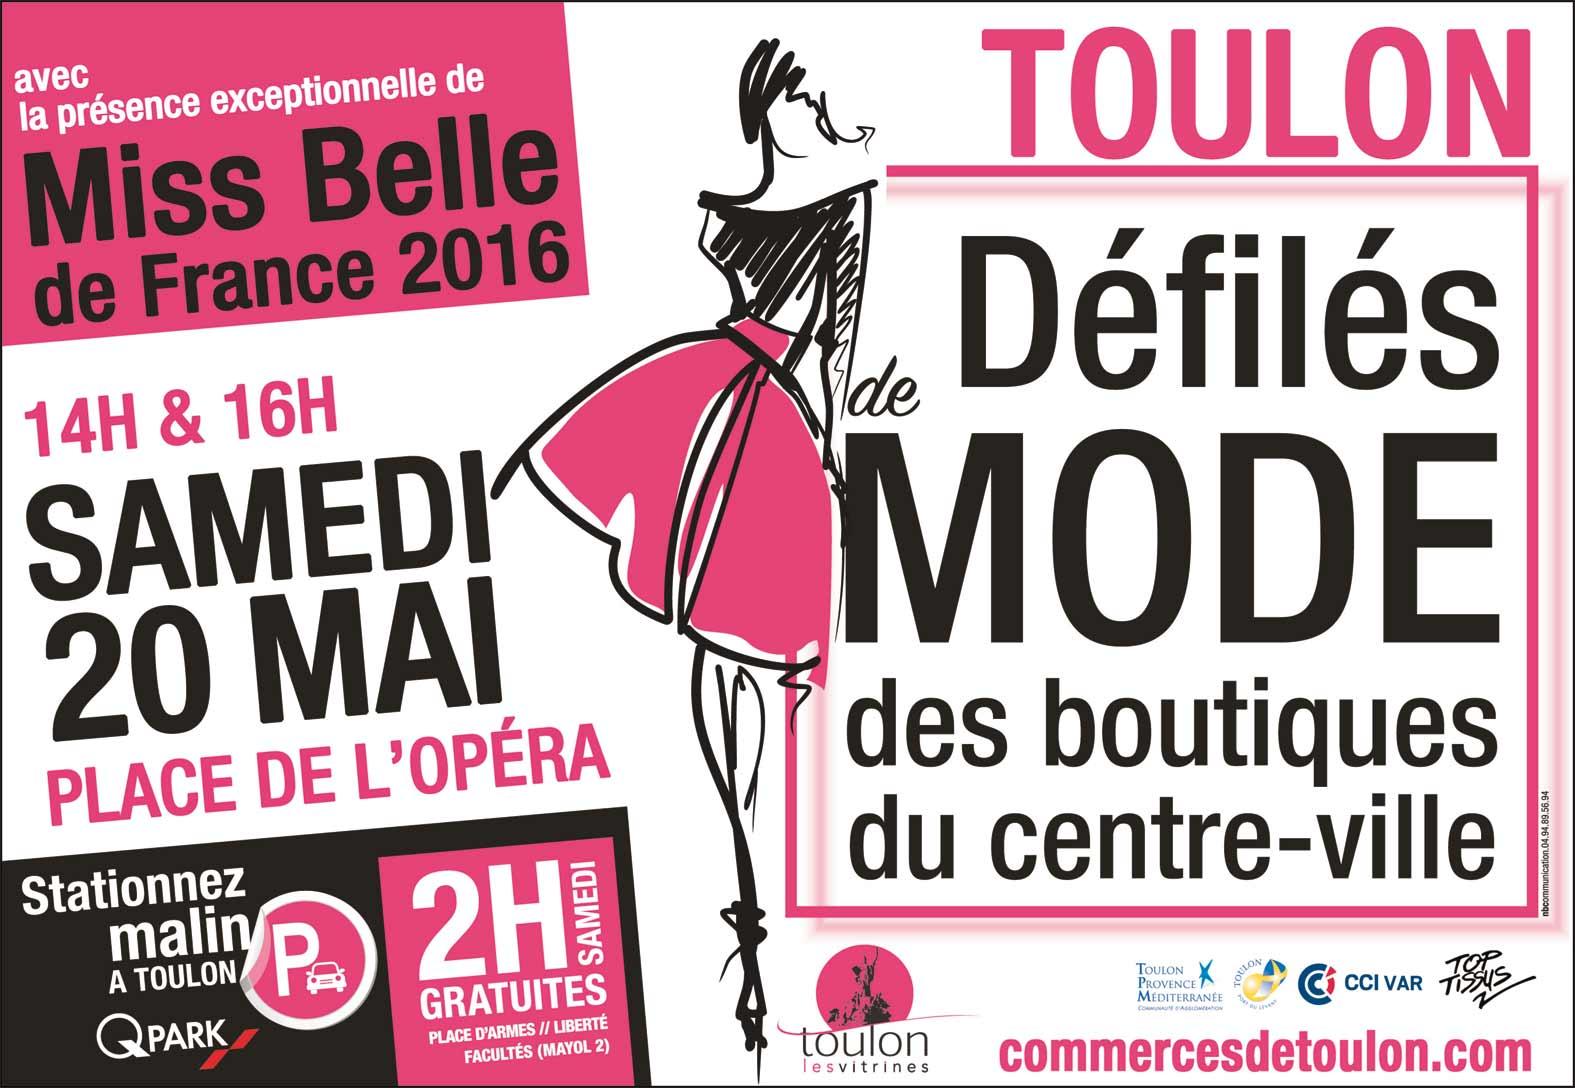 Défilé de mode des boutiques du centre-ville de Toulon